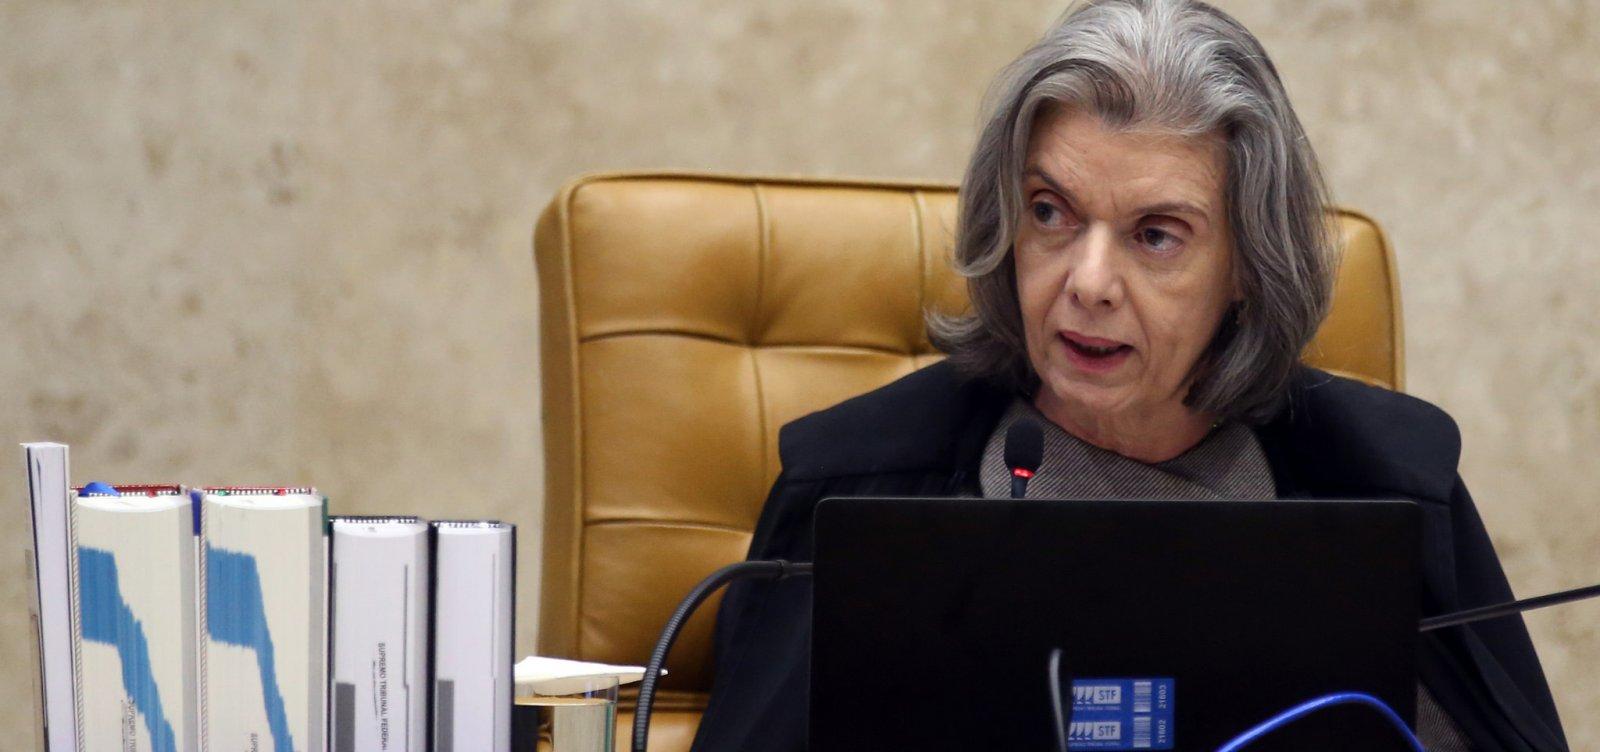 Cármen Lúcia cita 'falta de liberdade' e suspende ação de policiais em universidades